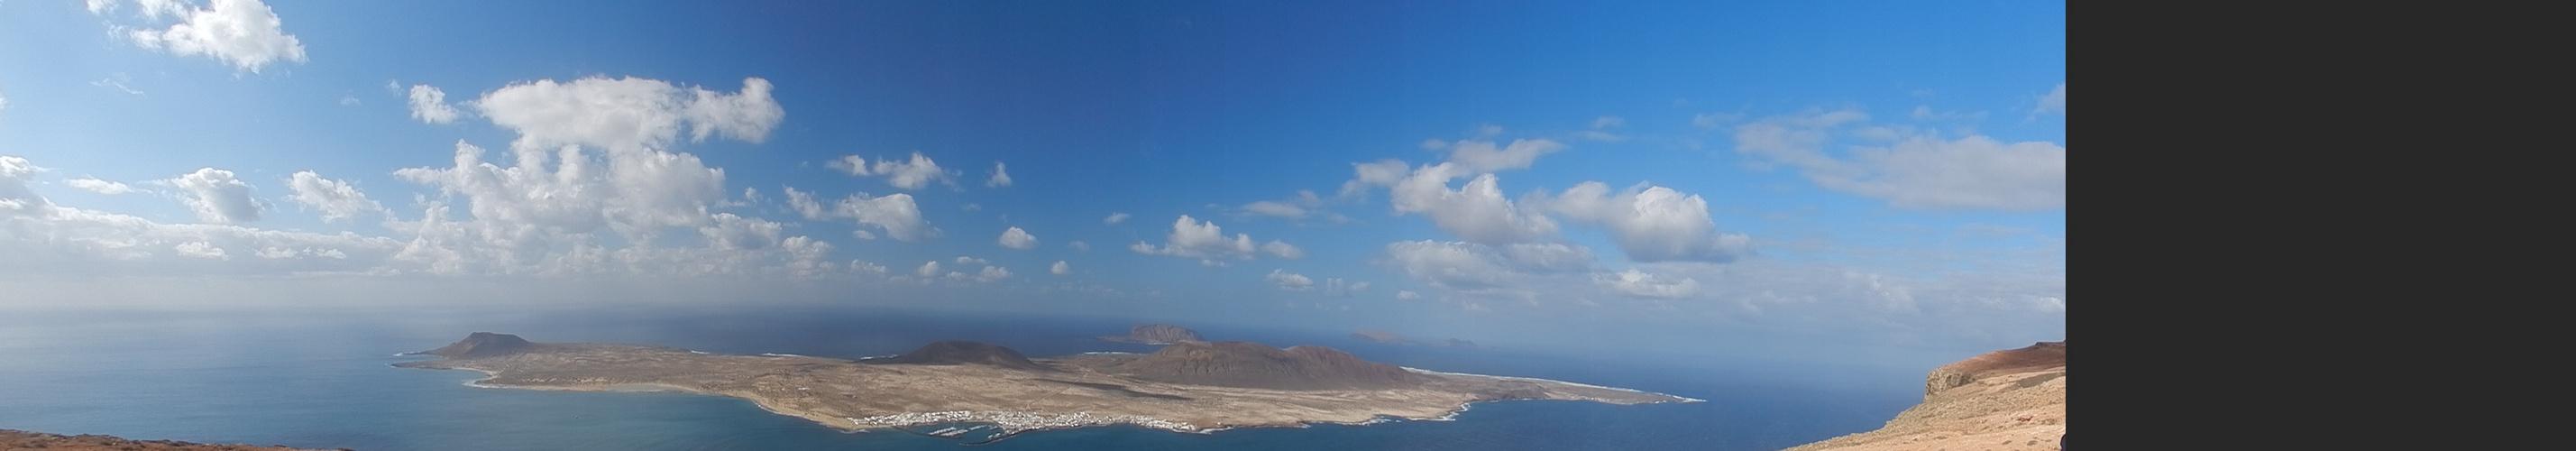 Eine vorgelagerte Insel im Nordwesten von Lanzarote La Graciosa